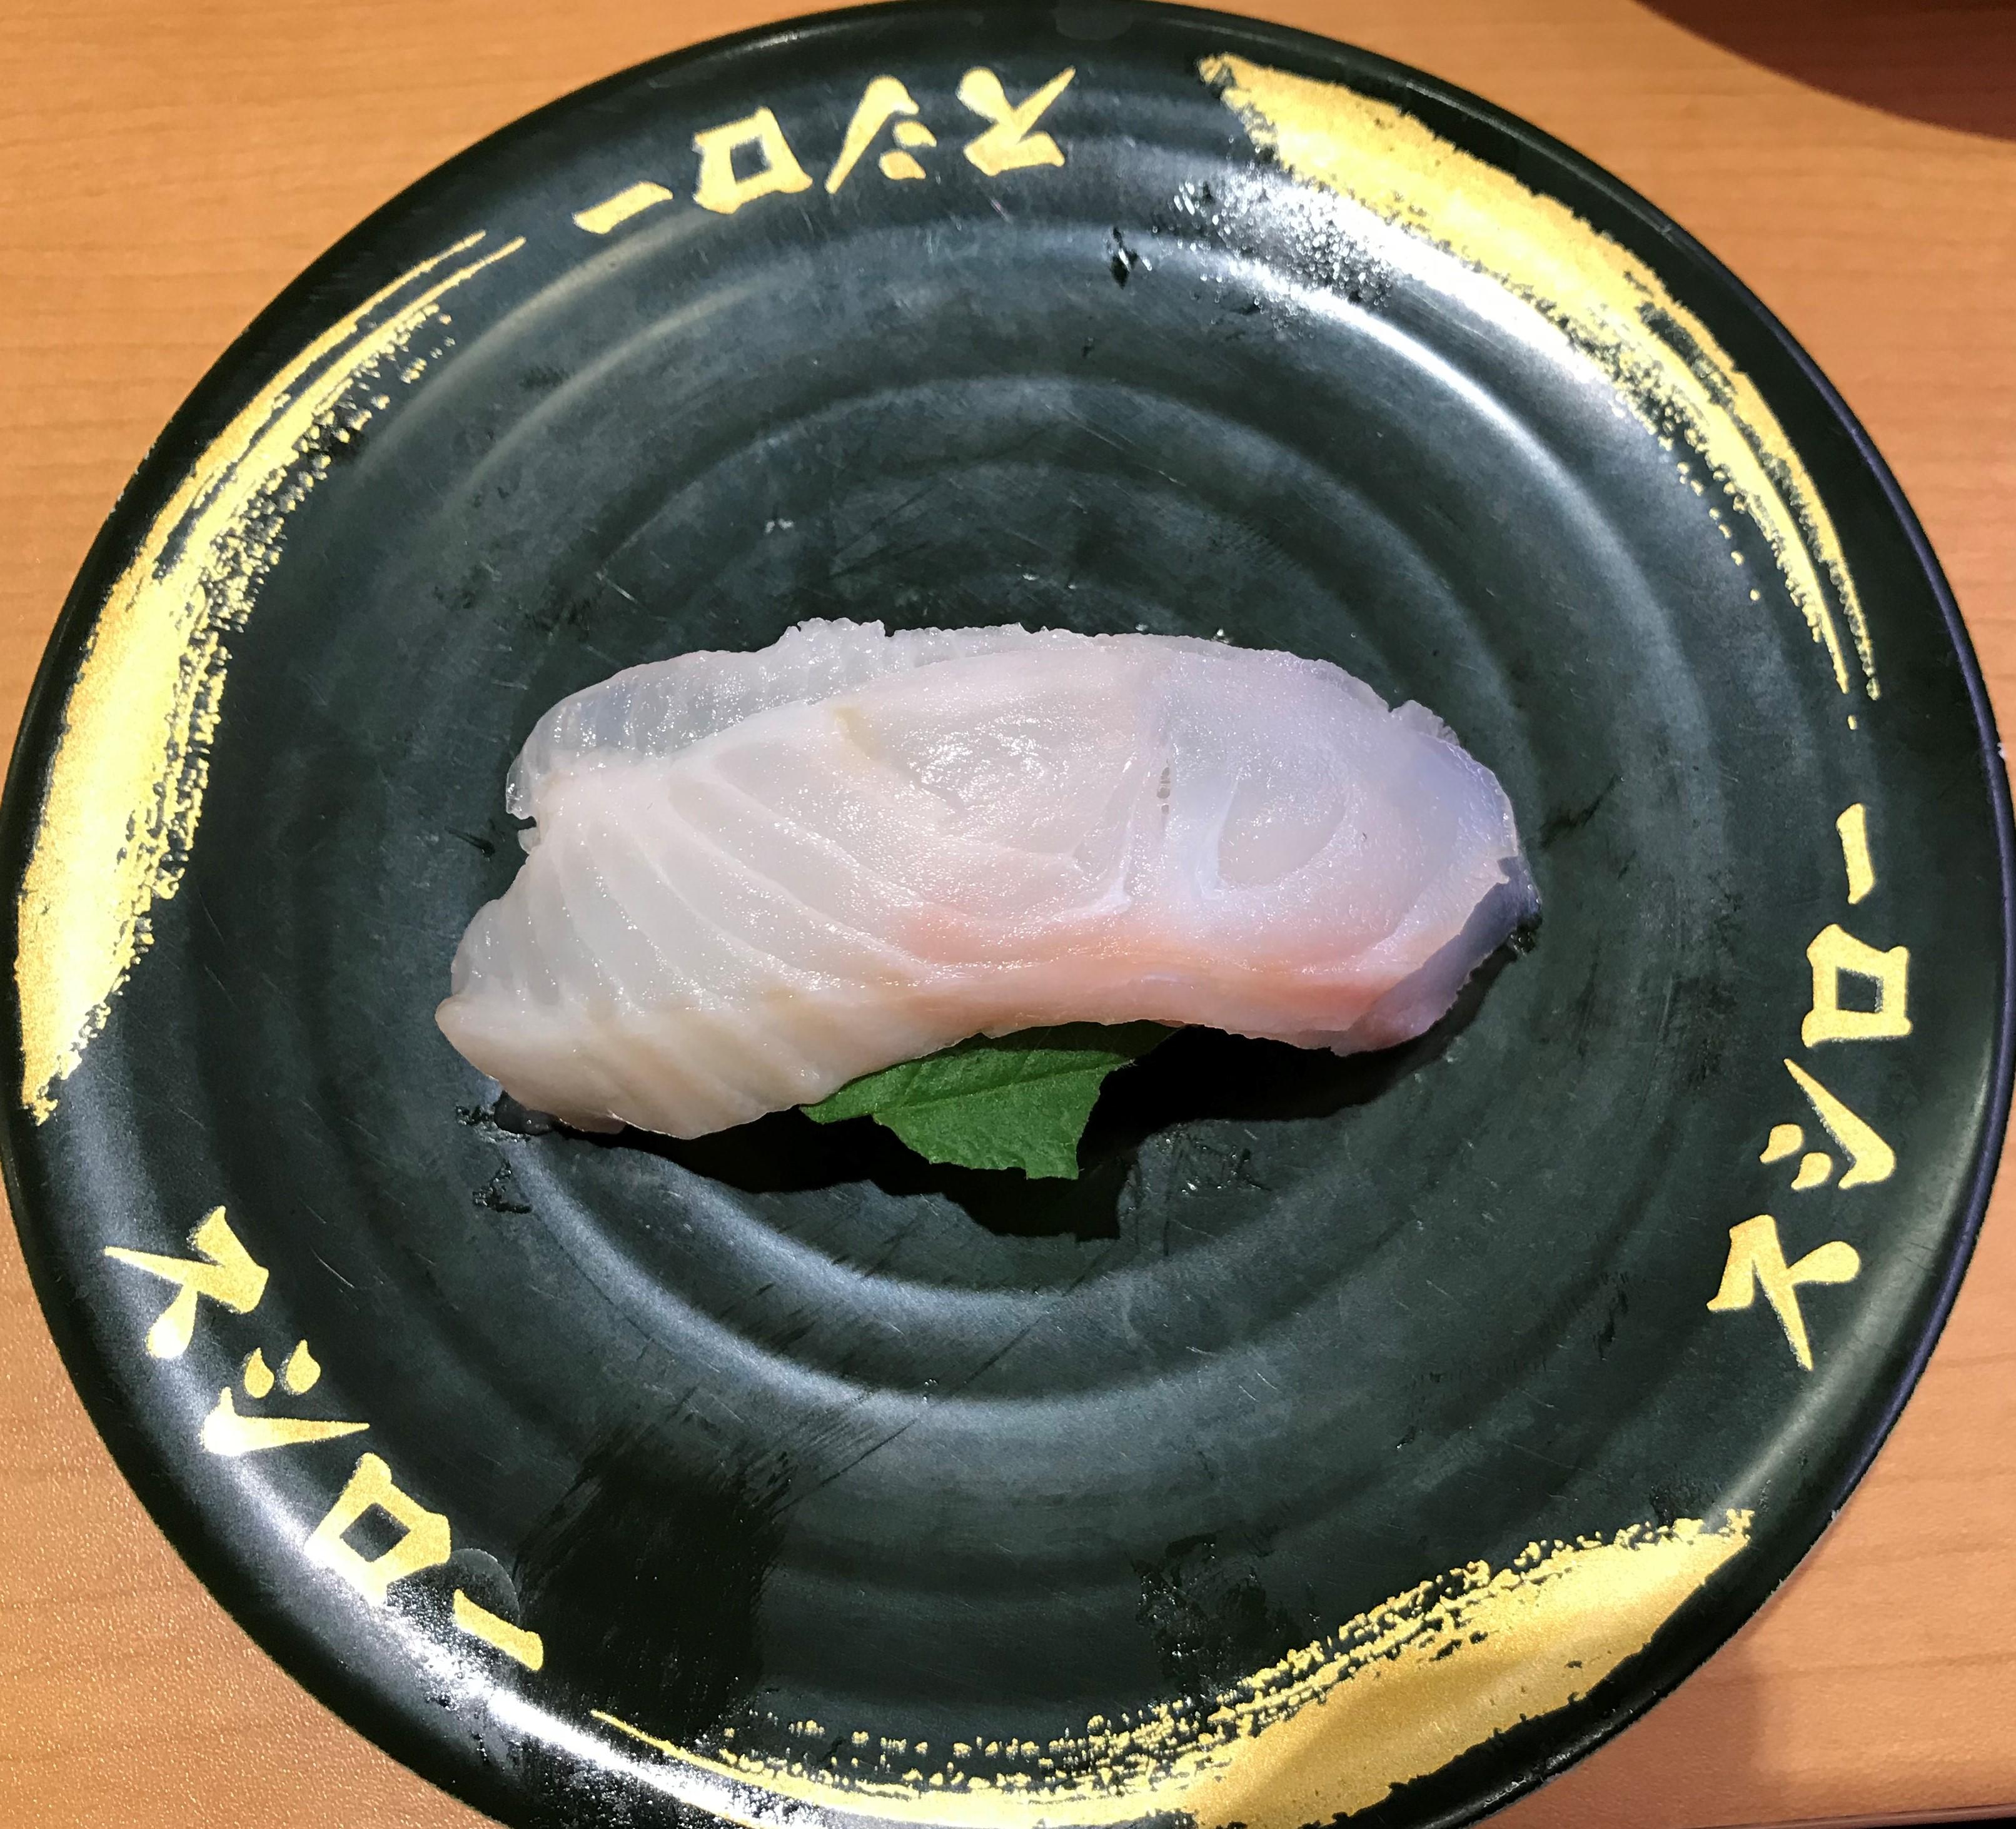 サメガレイをスシローで実際に食べてみた!感想を書いてみた